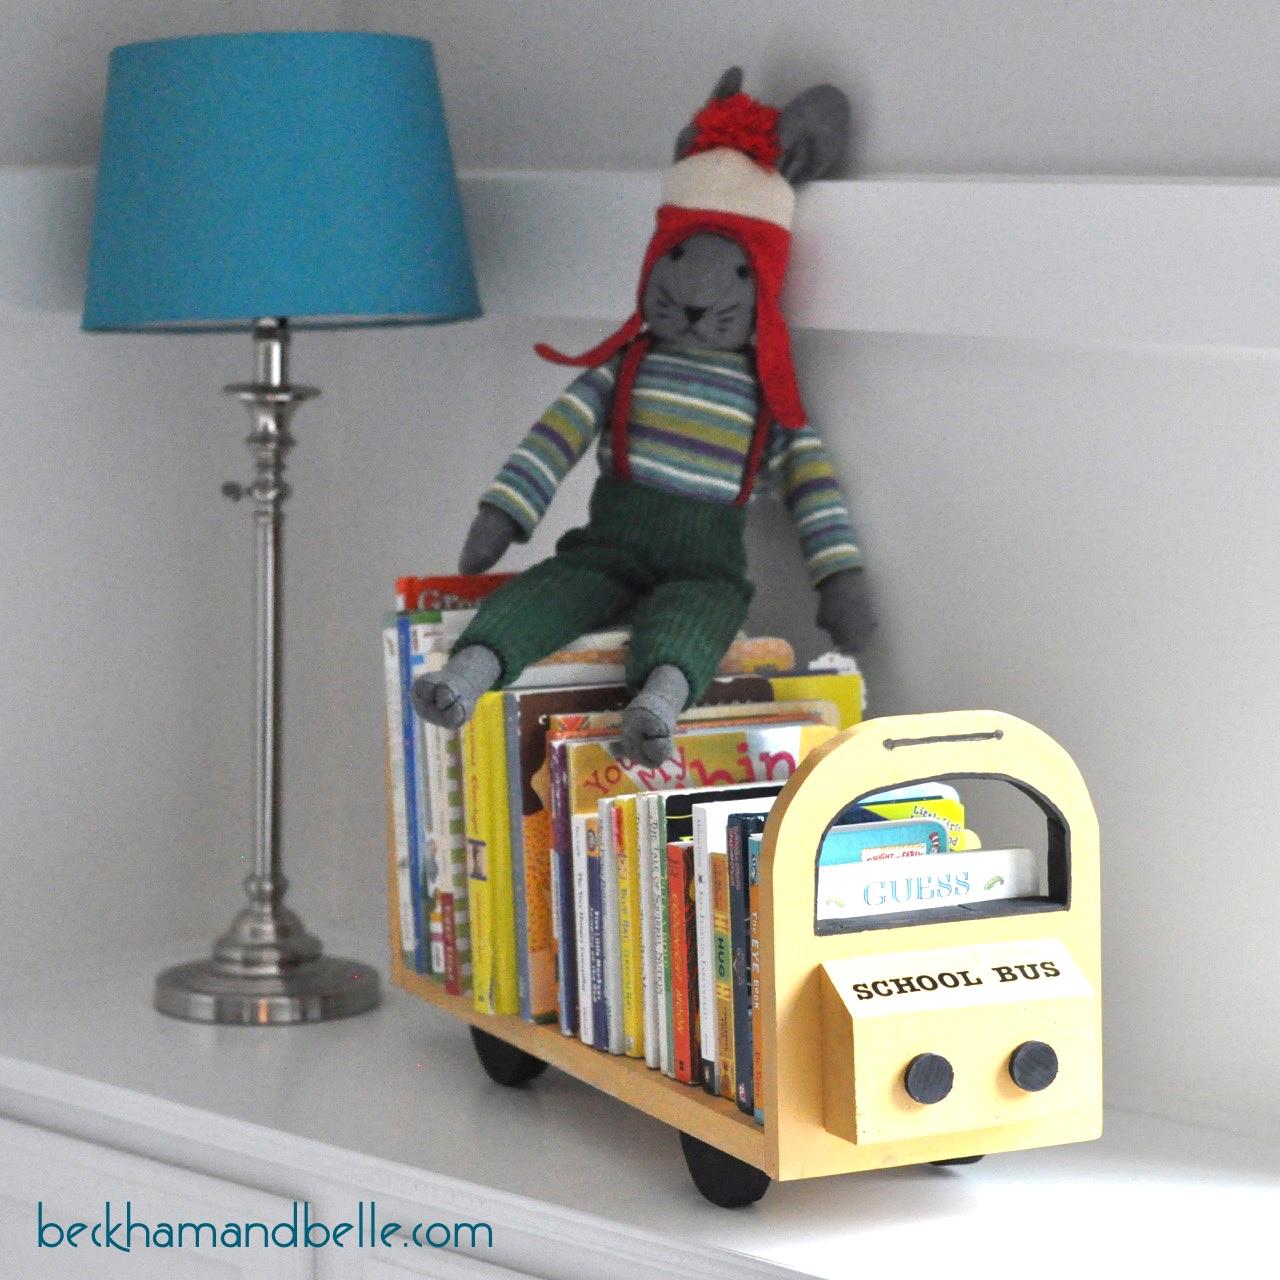 DIY School Bus Bookshelf